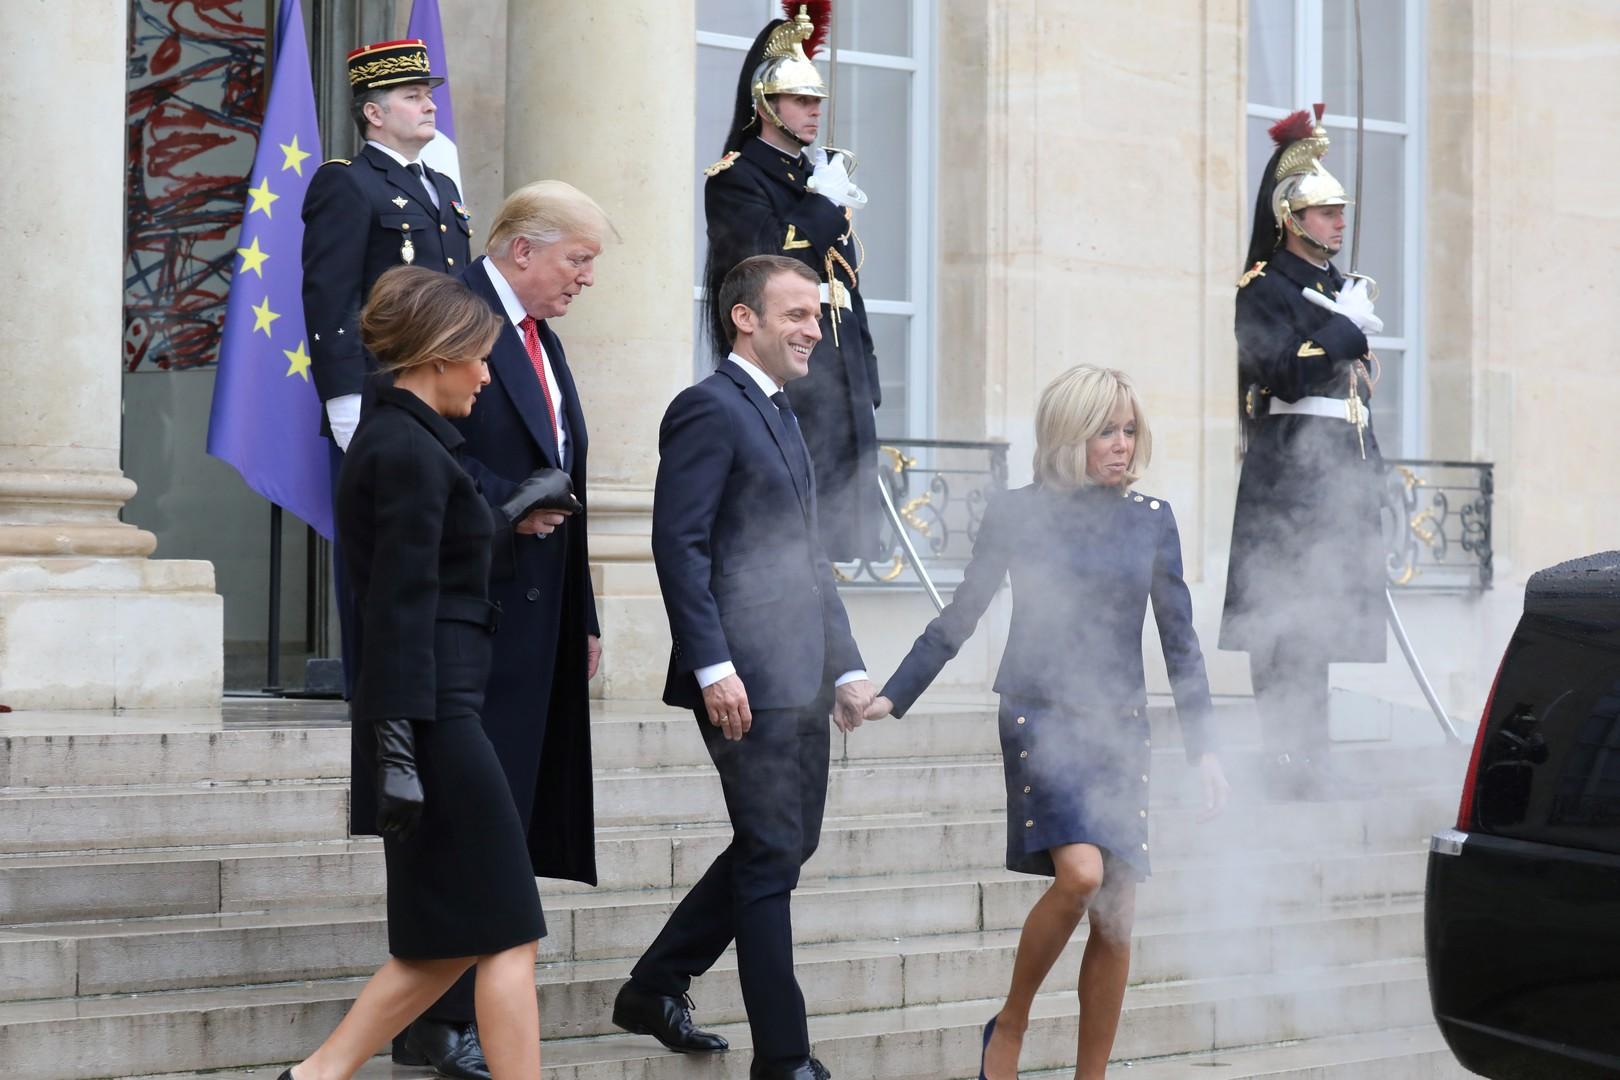 Vous avez dit écologie ? A l'Elysée, la limousine de Trump enfume les Macron (PHOTOS)